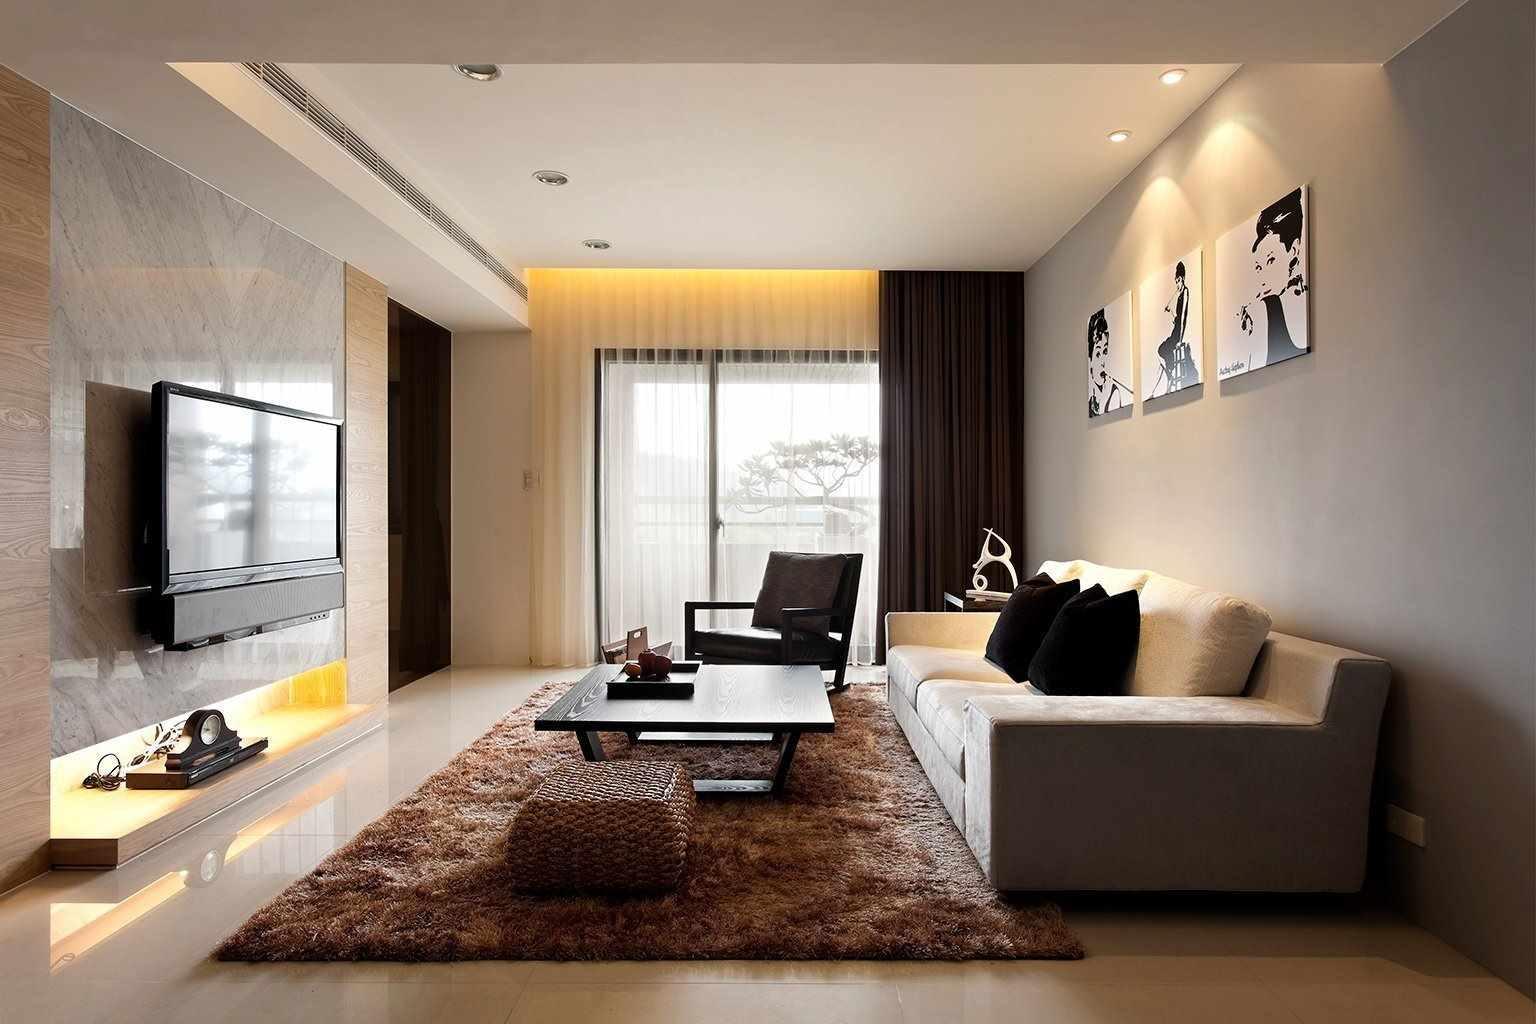 một ví dụ về việc áp dụng một thiết kế khác thường của phòng khách theo phong cách tối giản